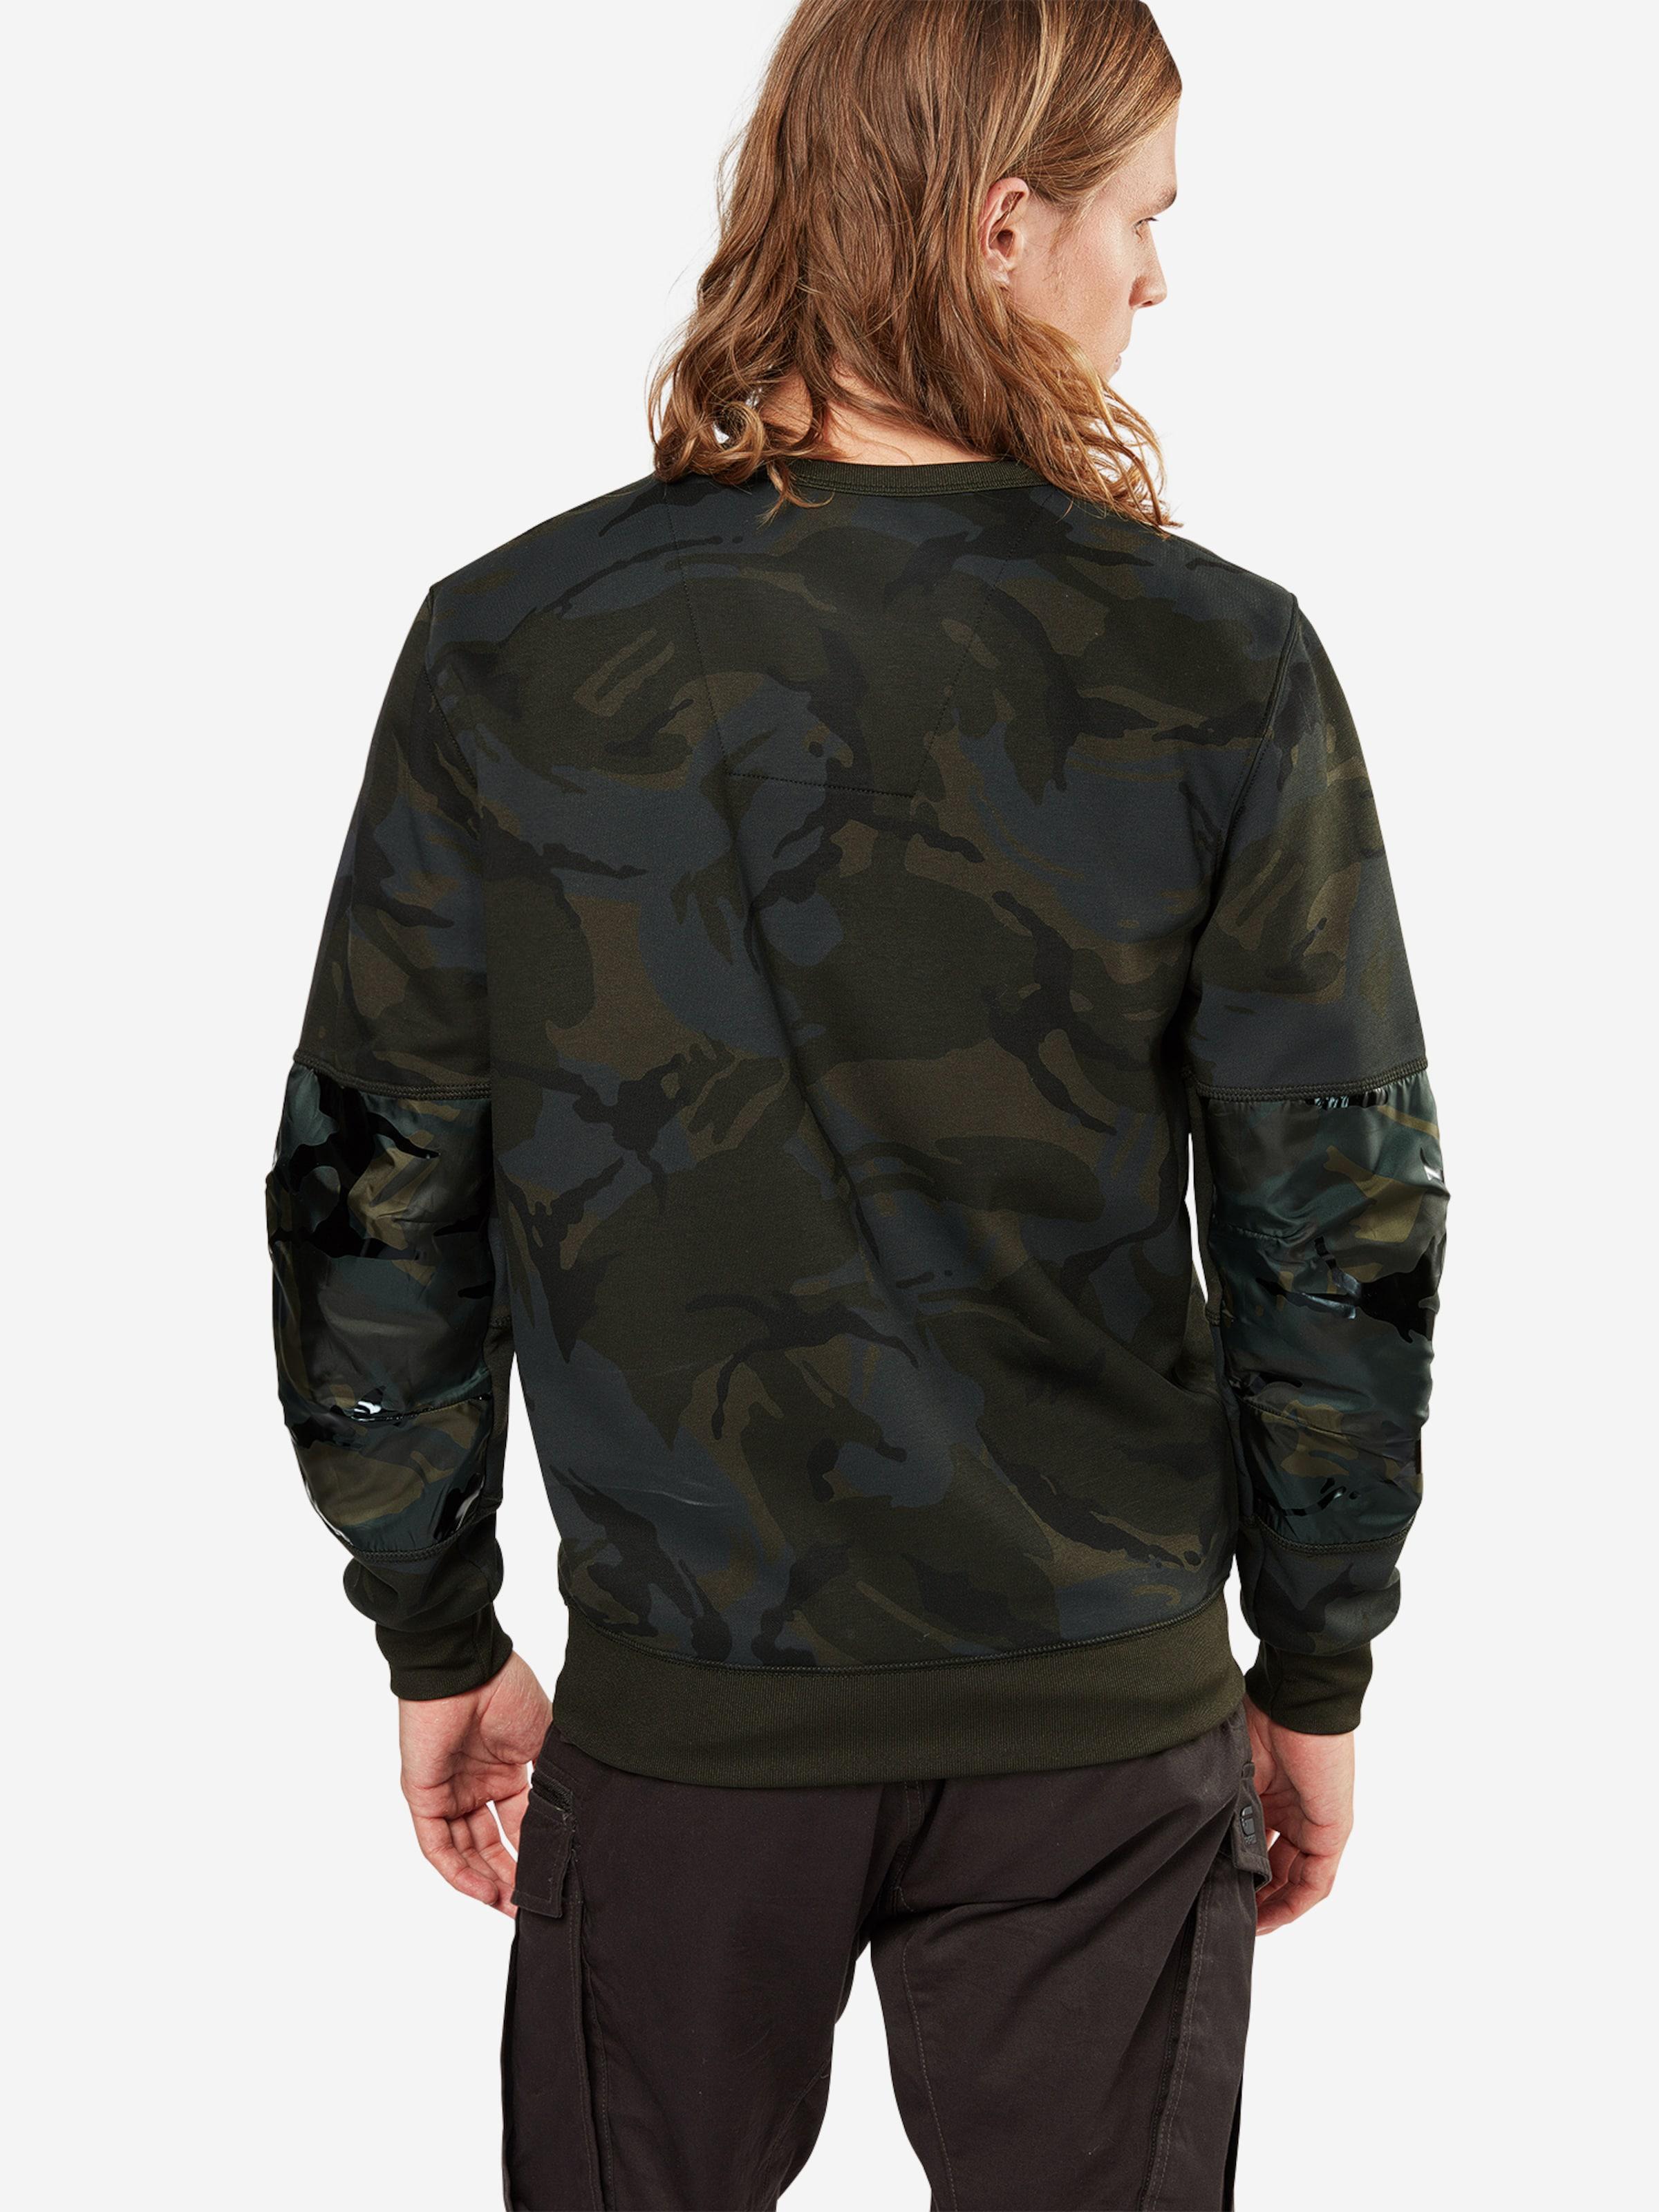 G-STAR RAW 'Sweatshirt' Billiger Preis Rabatt Footlocker Bilder Erhalten Authentisch Günstig Online Verkauf Viele Arten Von Billig Verkauf Finish NgC1my4AAY